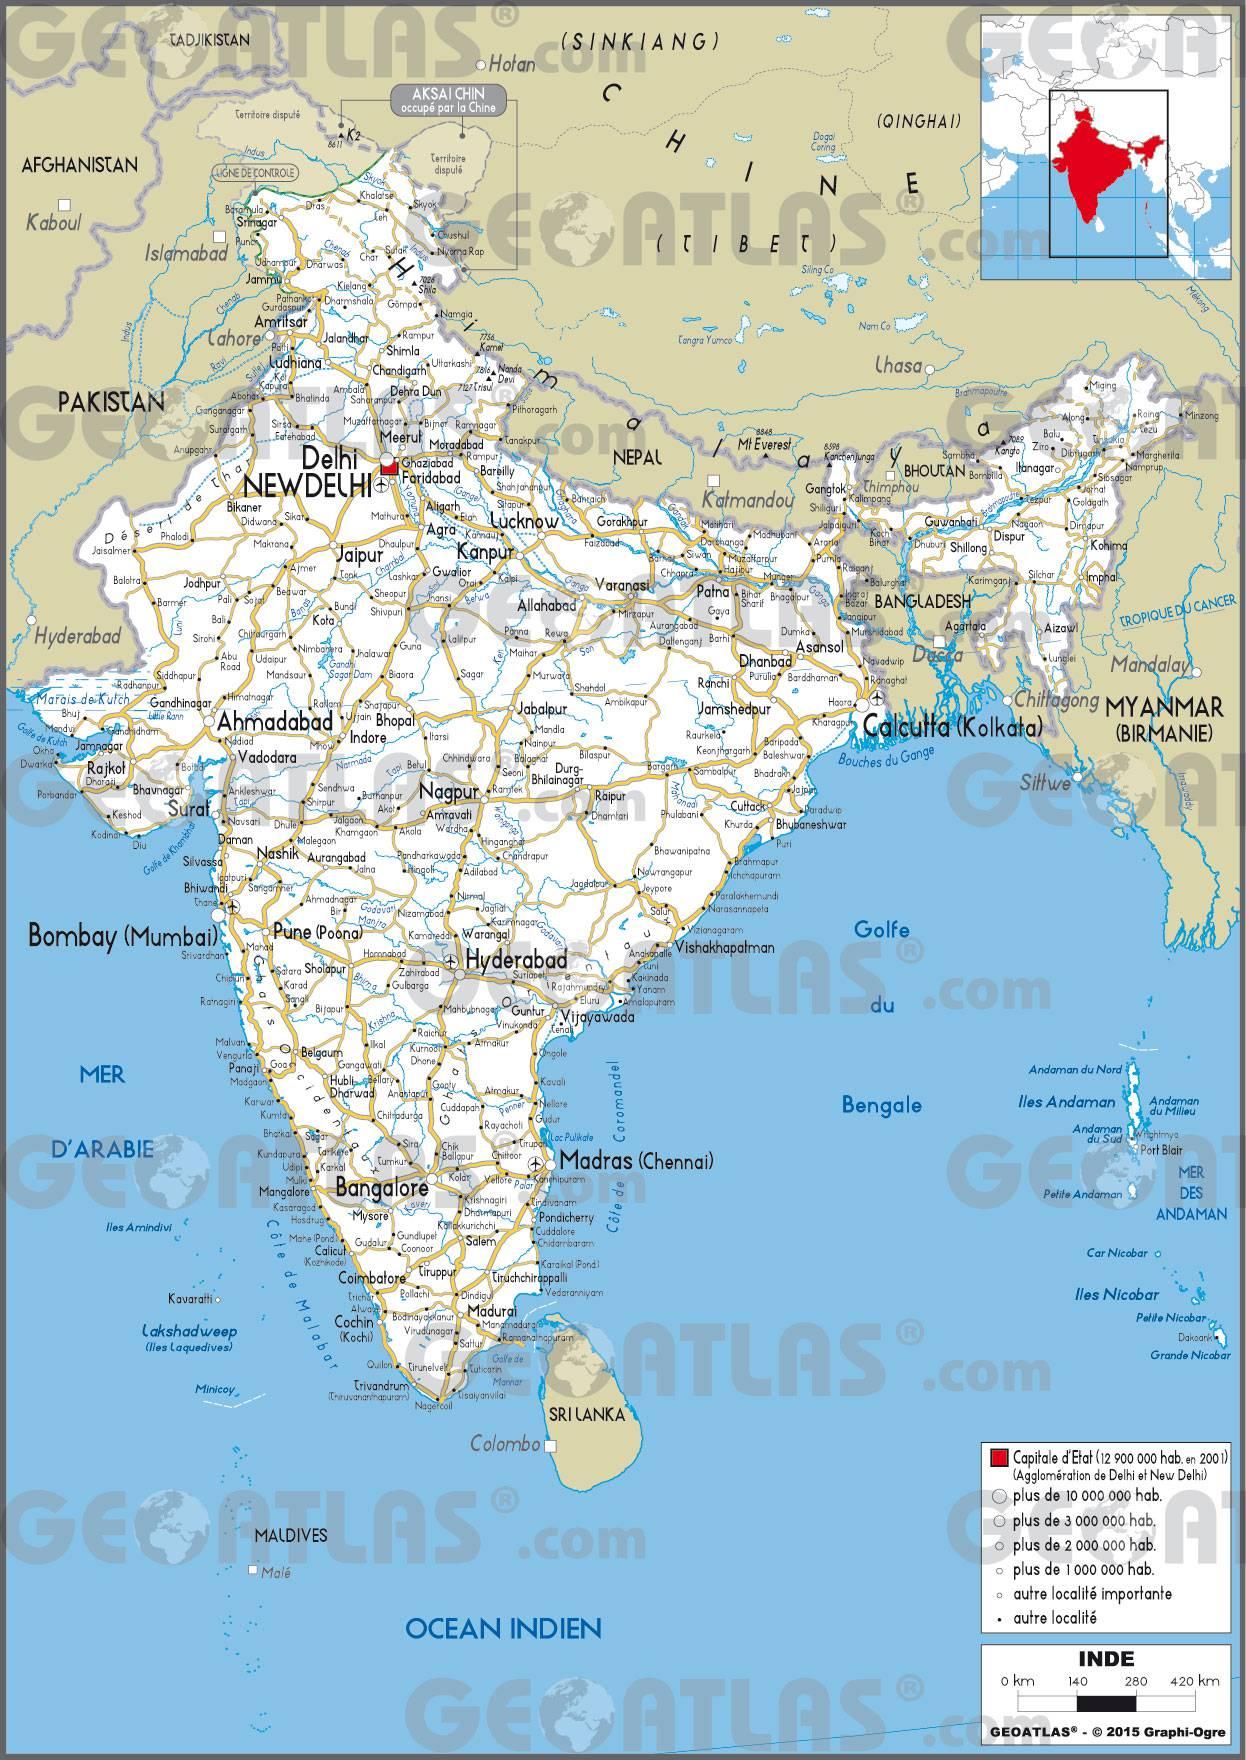 Carte routière de l'Inde